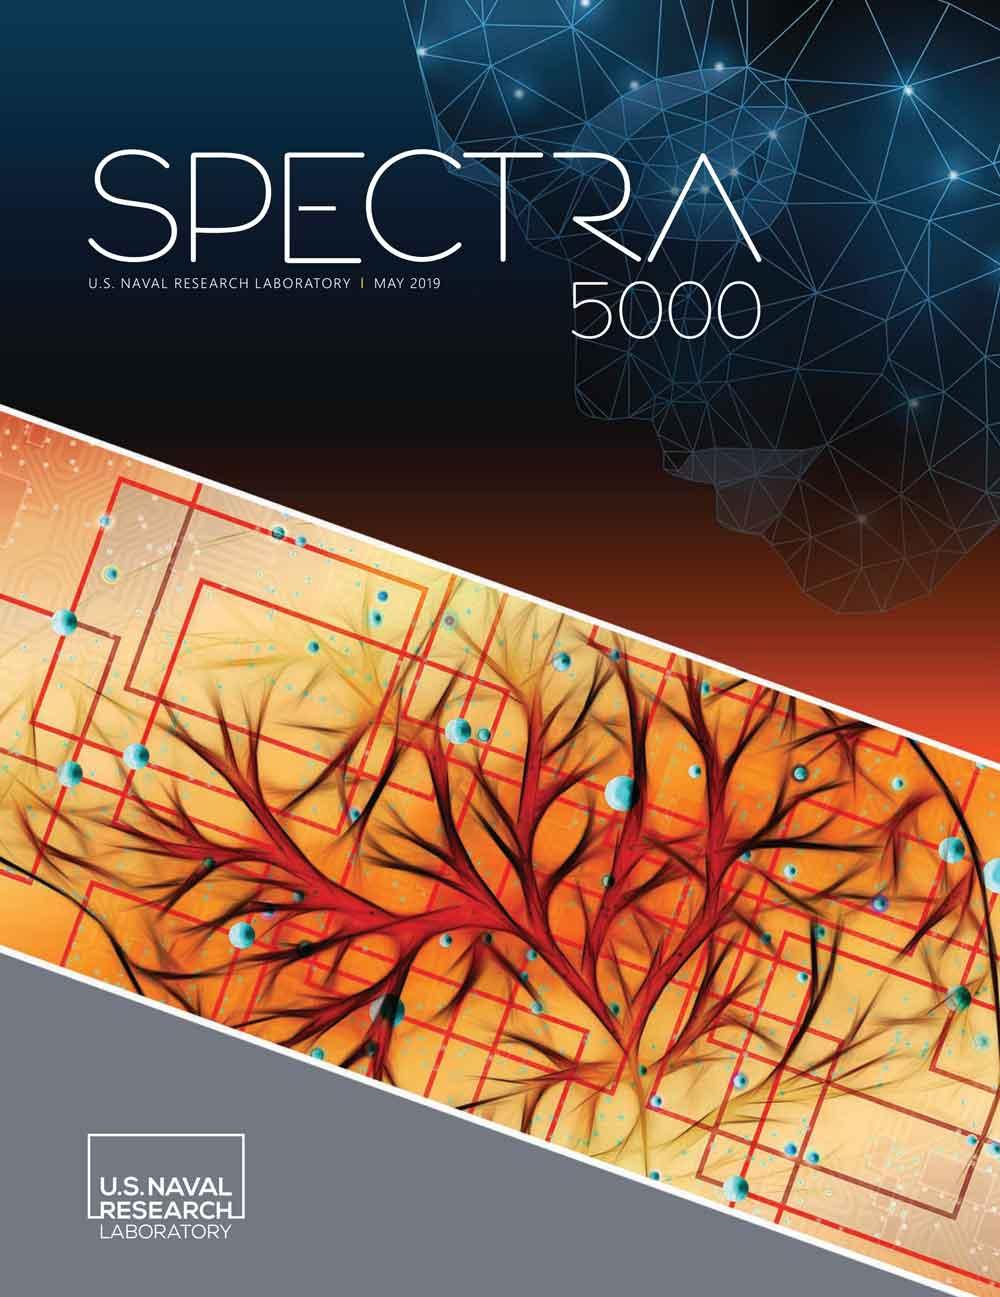 Spectra_Cover.jpg